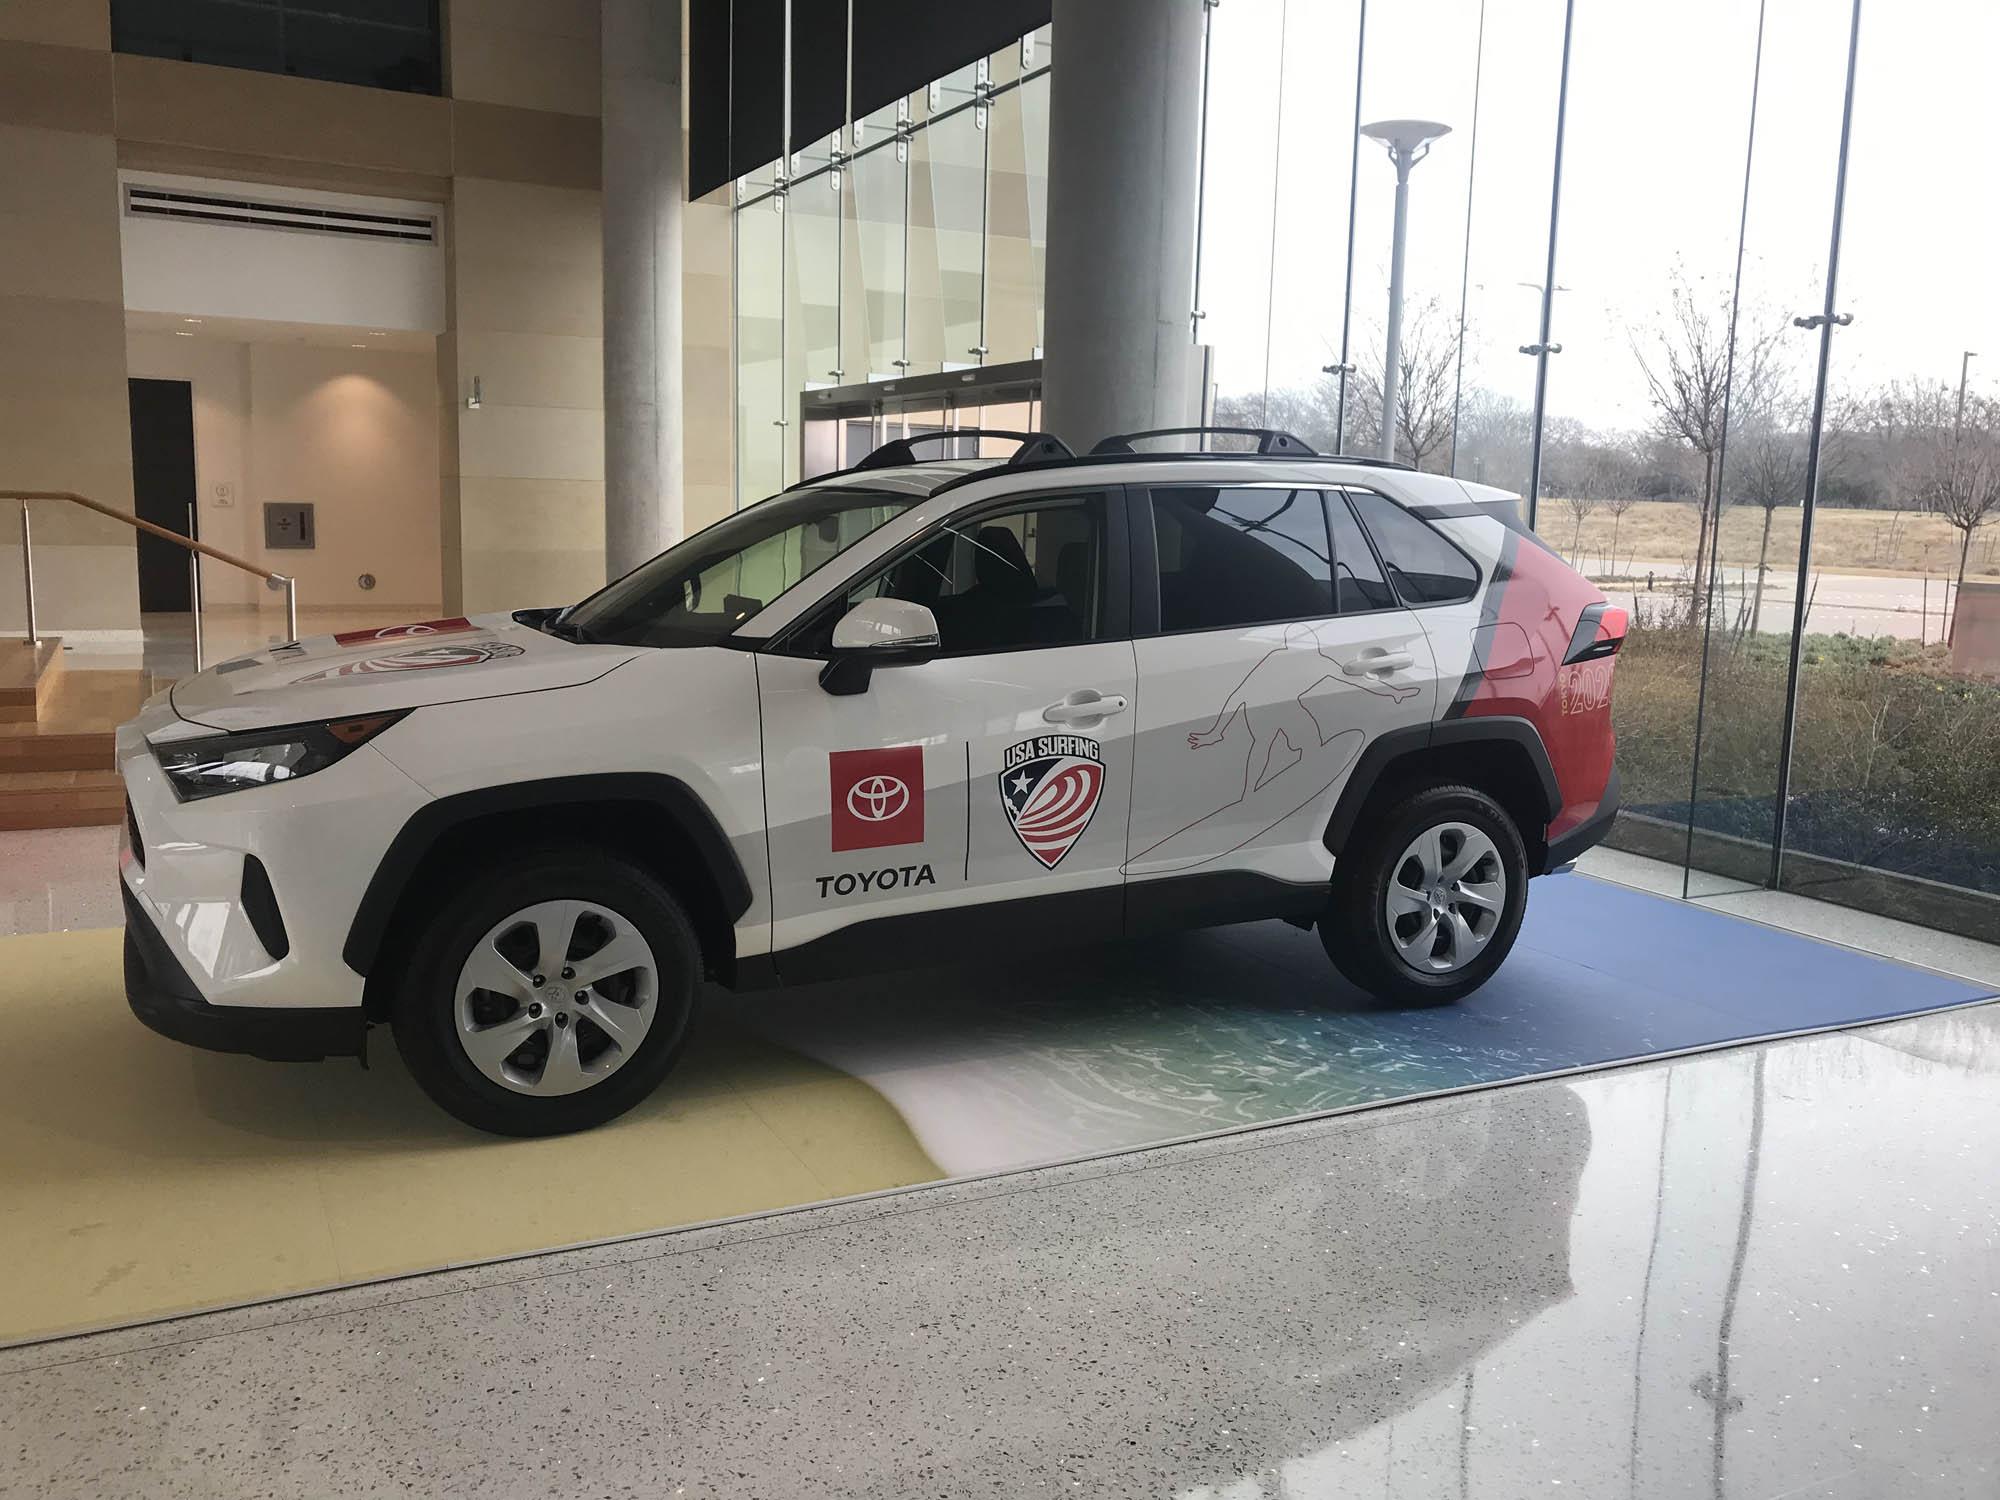 Toyota Corporate Branding Wraps